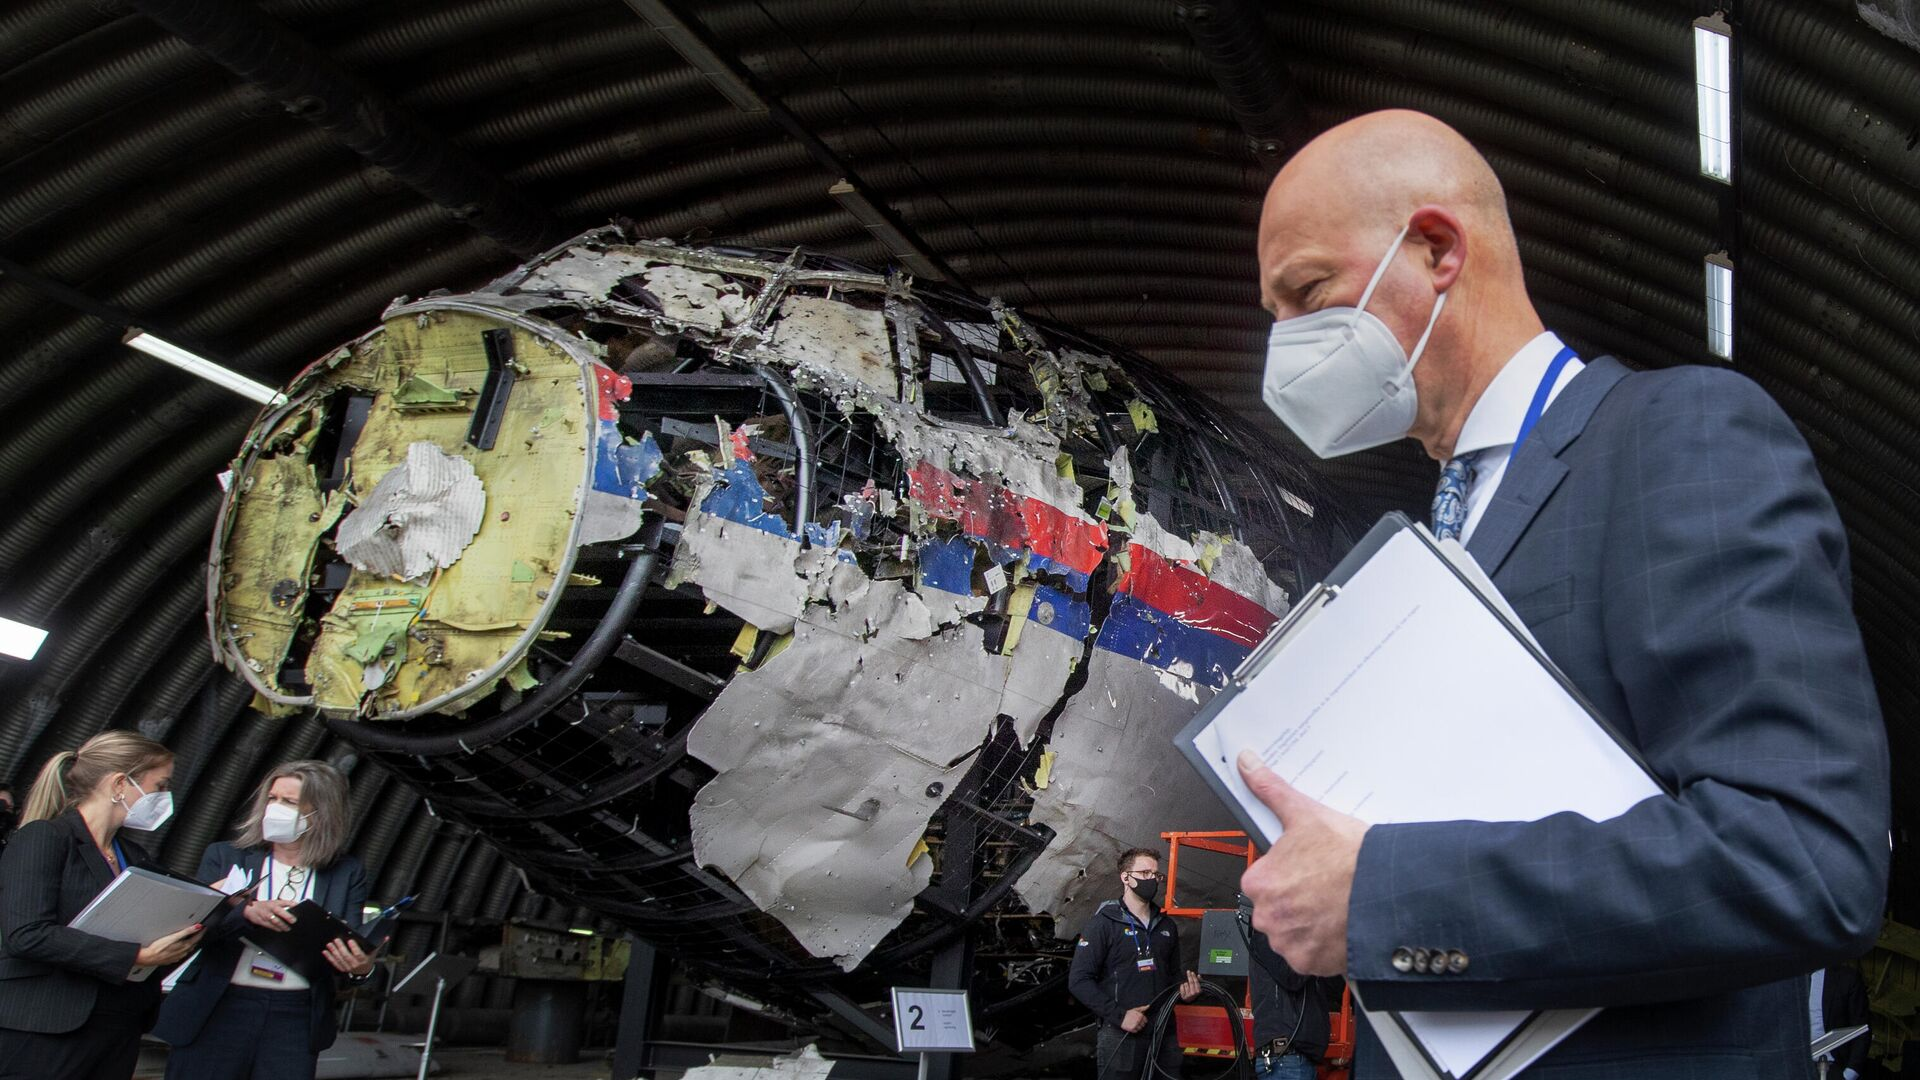 Председательствующий судья Хендрик Стинхейс осматривает обломки рейса MH17 авиакомпании Malaysia Airlines на авиабазе Гильзе-Рейен, Нидерланды - РИА Новости, 1920, 16.07.2021